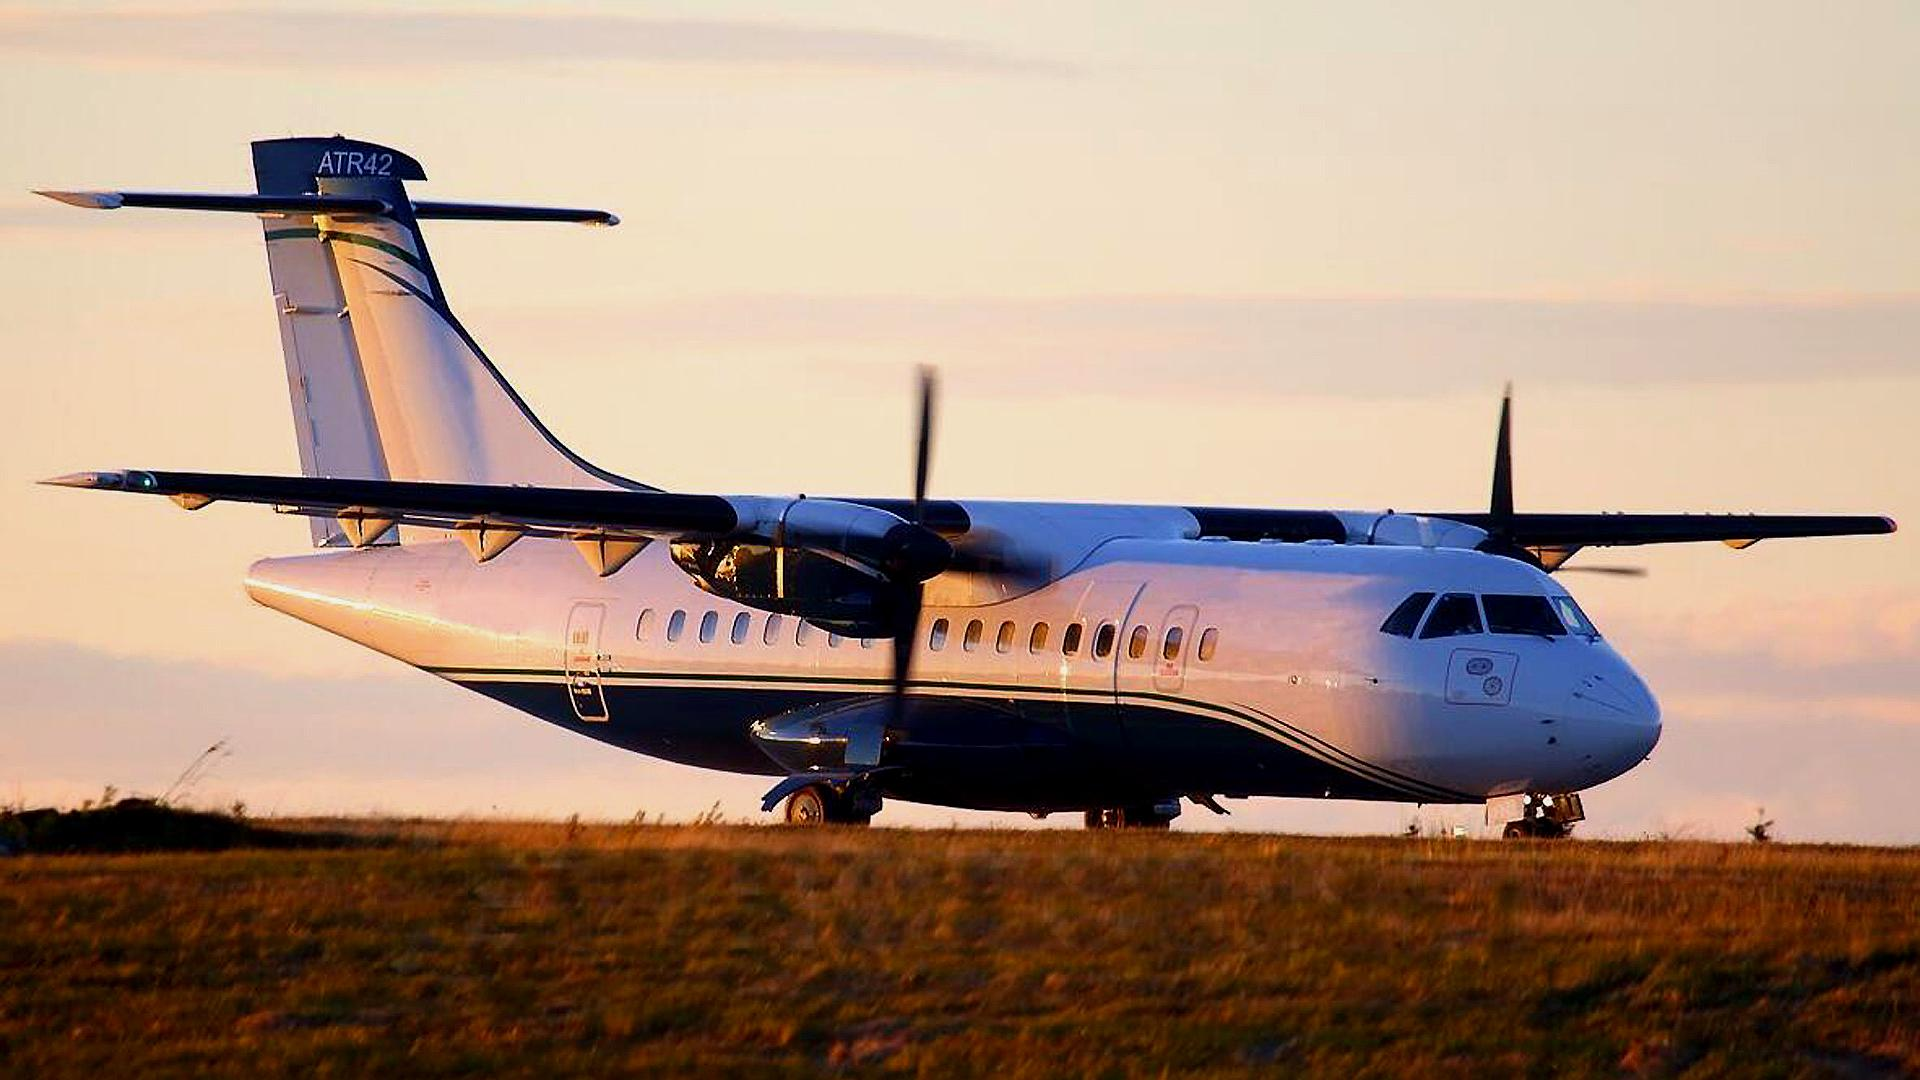 法国和意大利联合研制的这款飞机,价格便宜,航电系统可靠性高